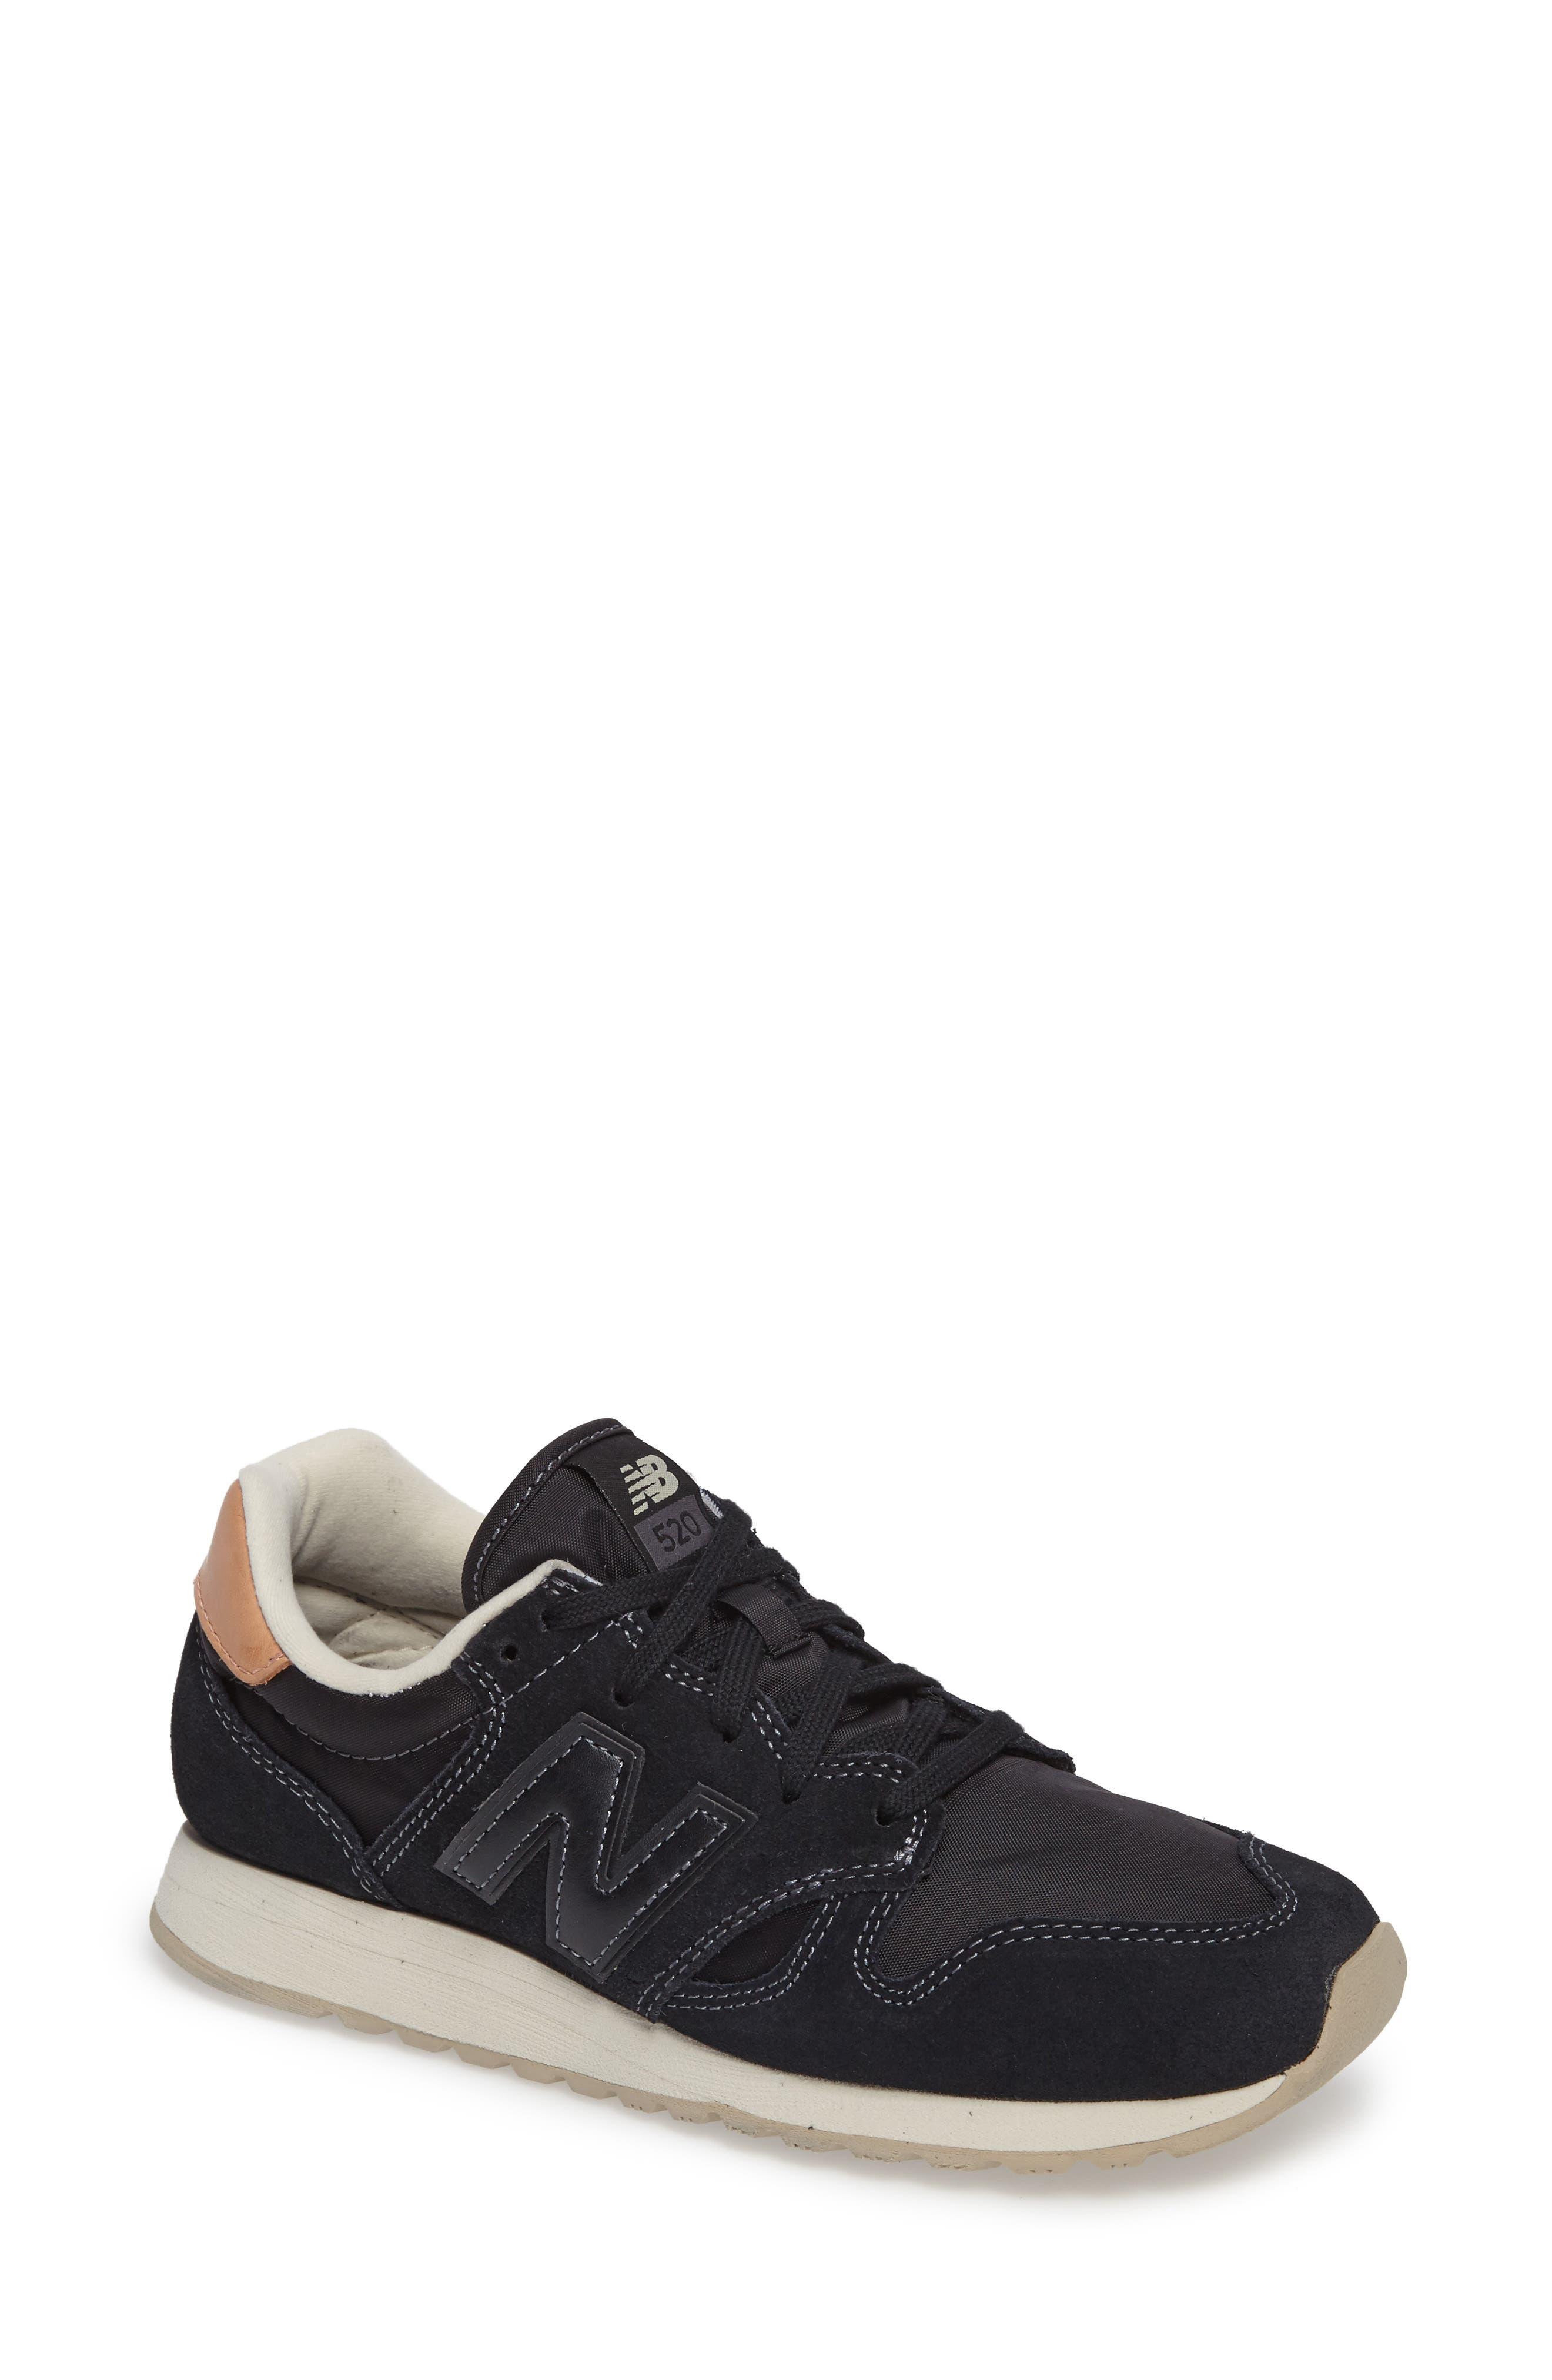 520 Sneaker,                         Main,                         color, 001